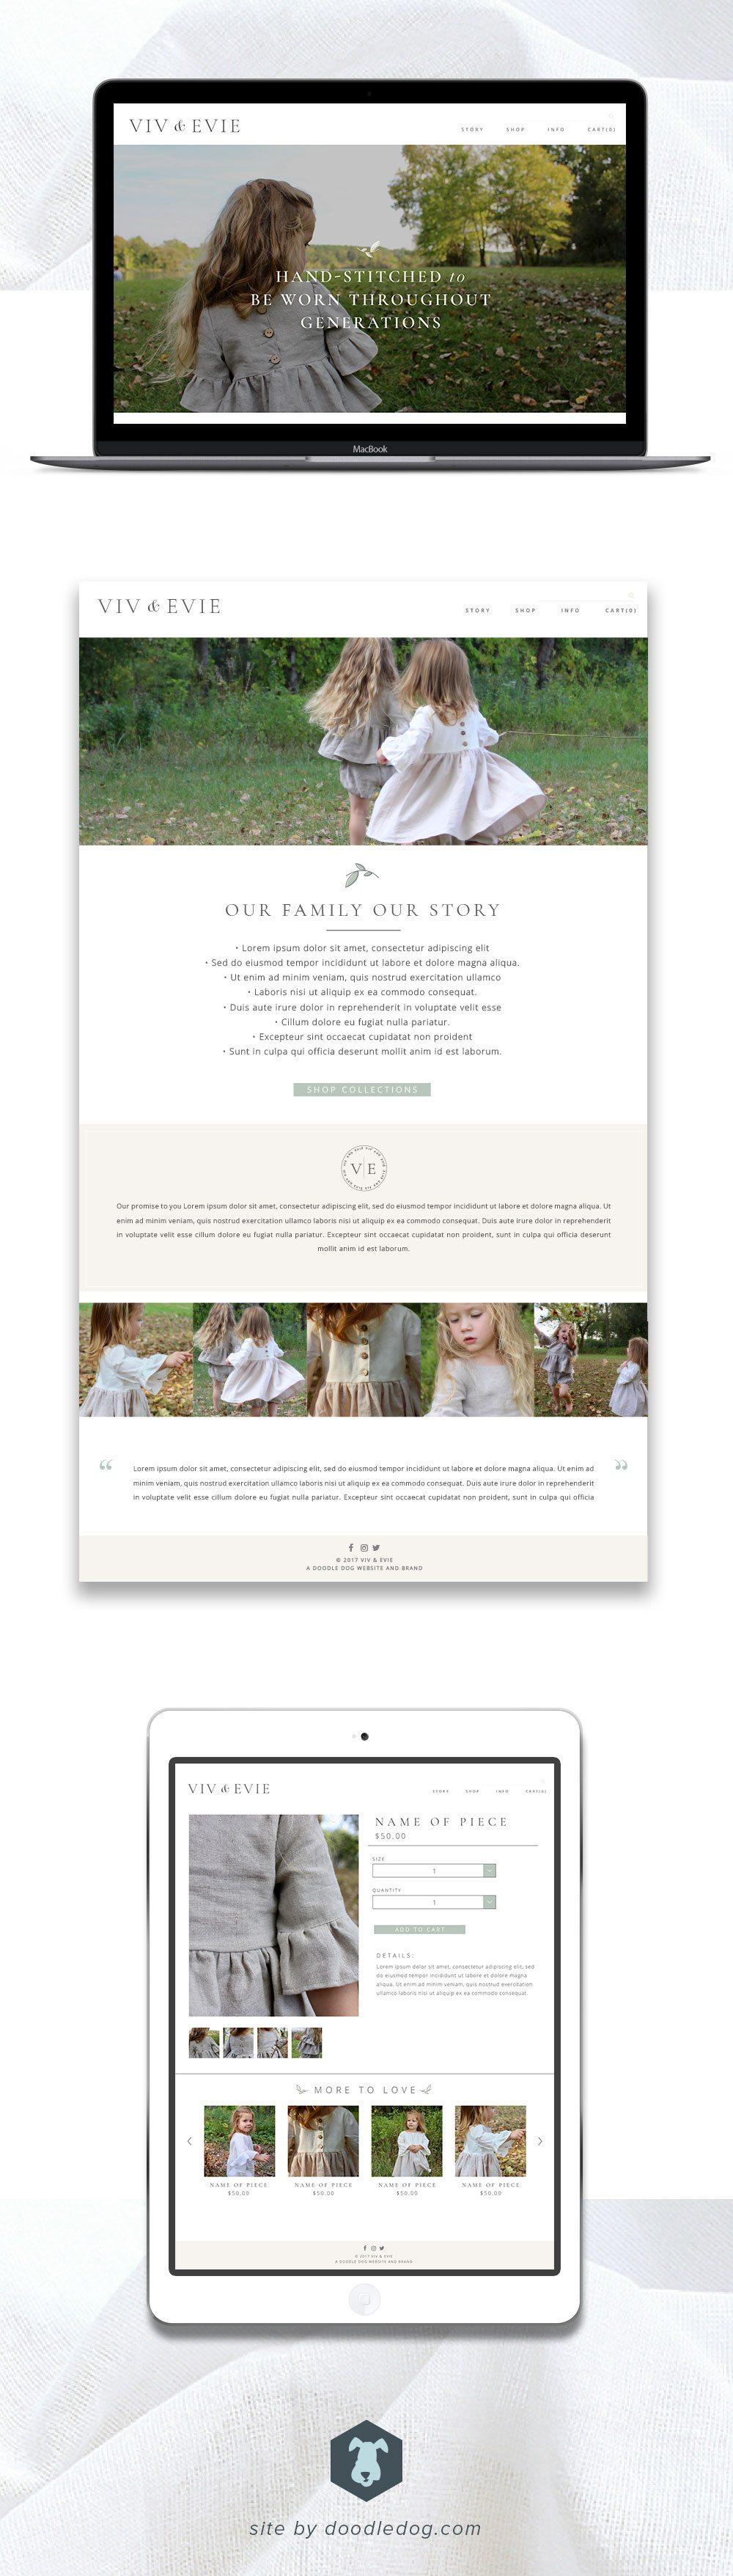 webdesign for clothing brand